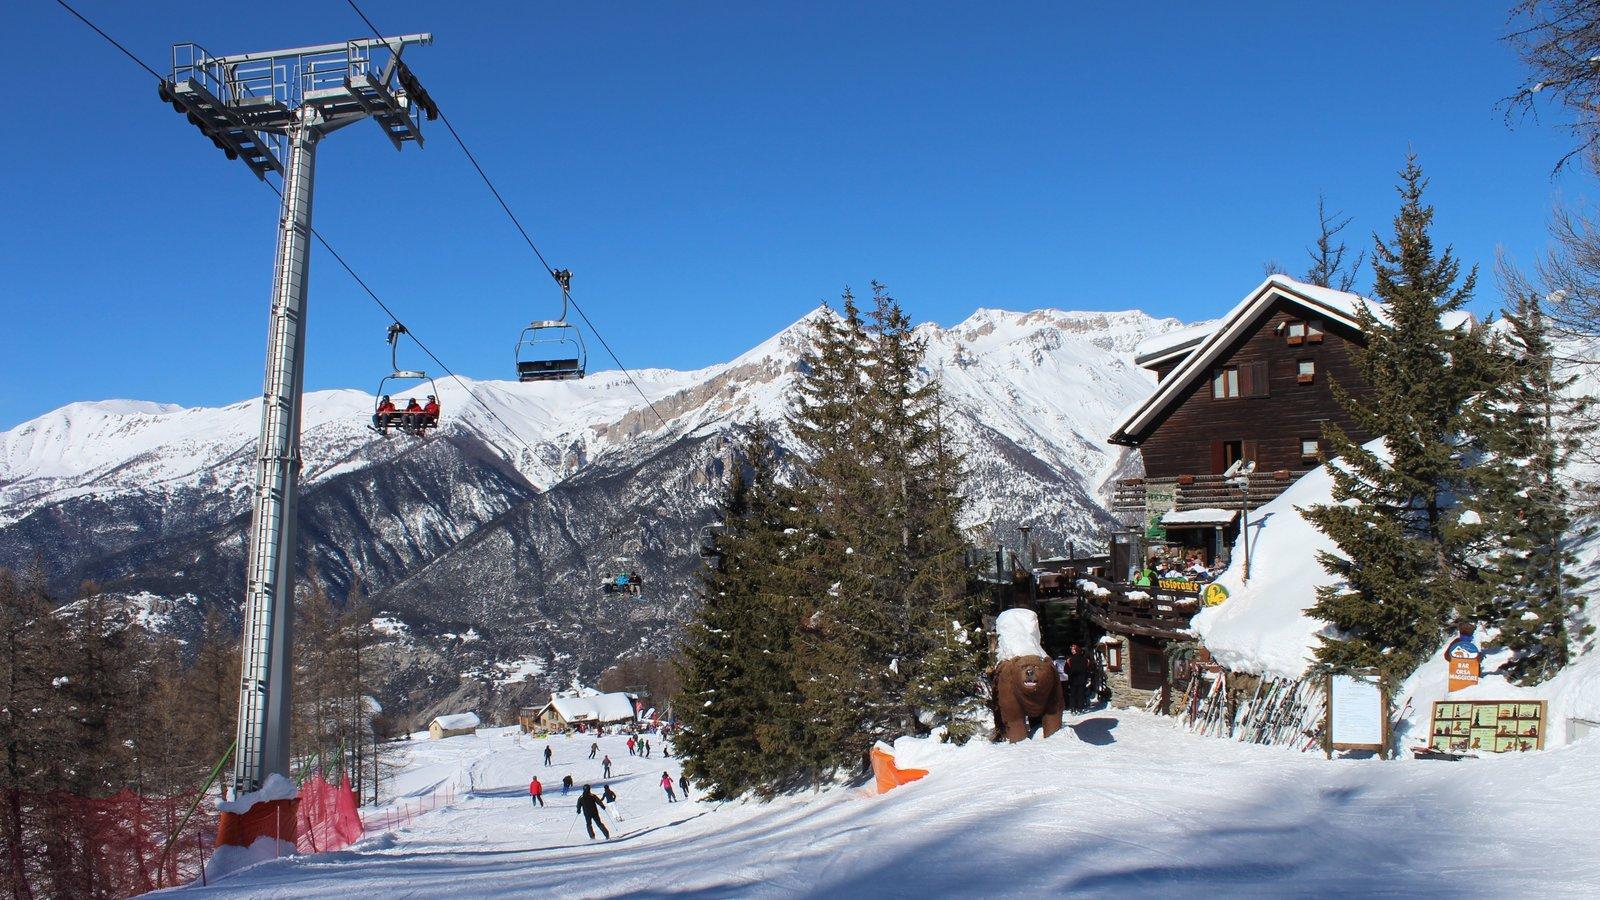 Sauze d\'Oulx ofreciendo una góndola, un hotel y nieve